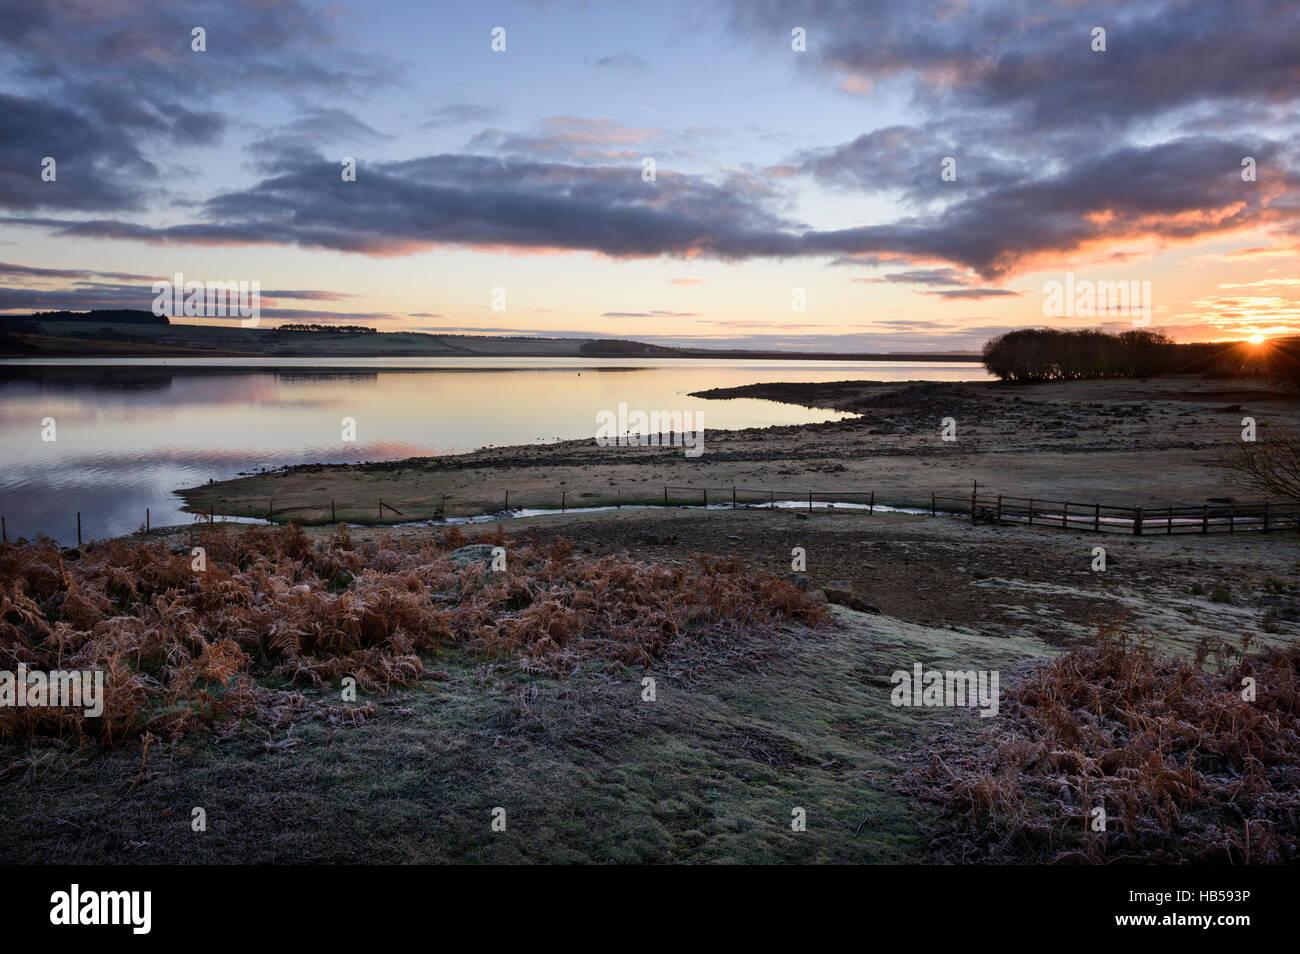 Derwent Reservoir at Sunrise - Stock Image